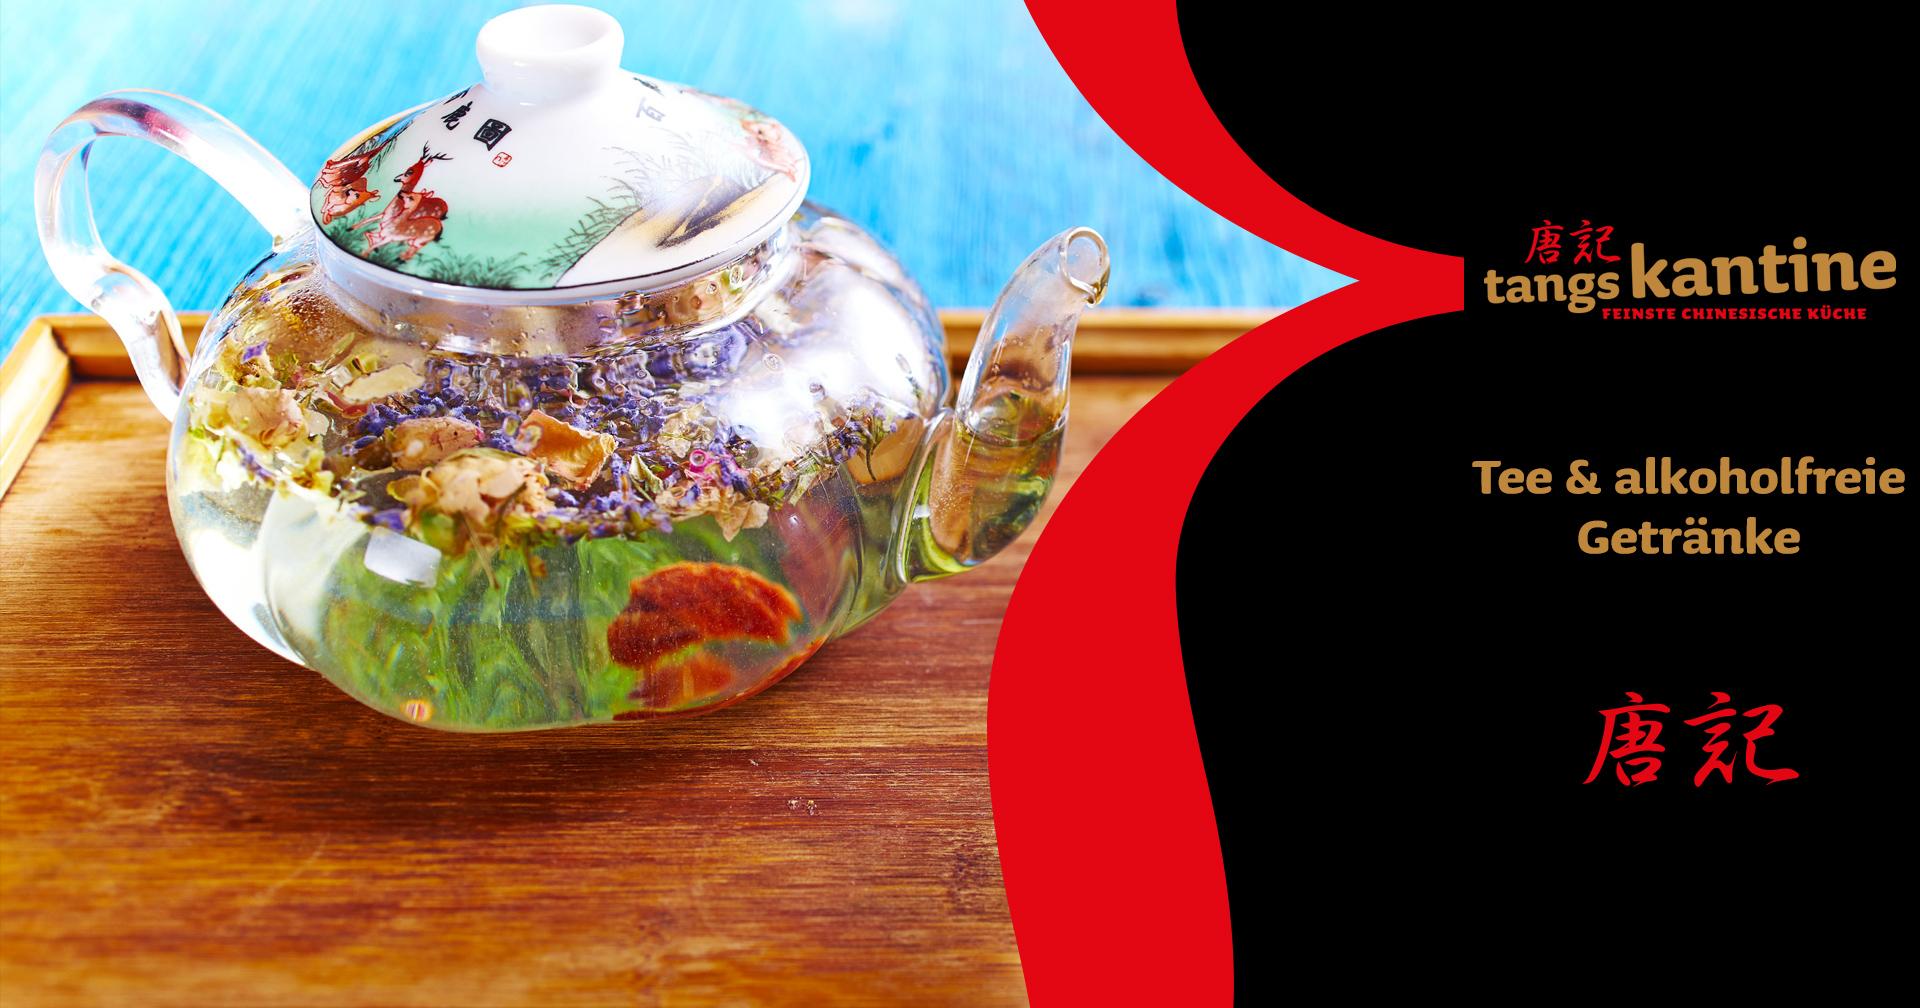 tangs kantine • Tee & alkoholfreie Getränke